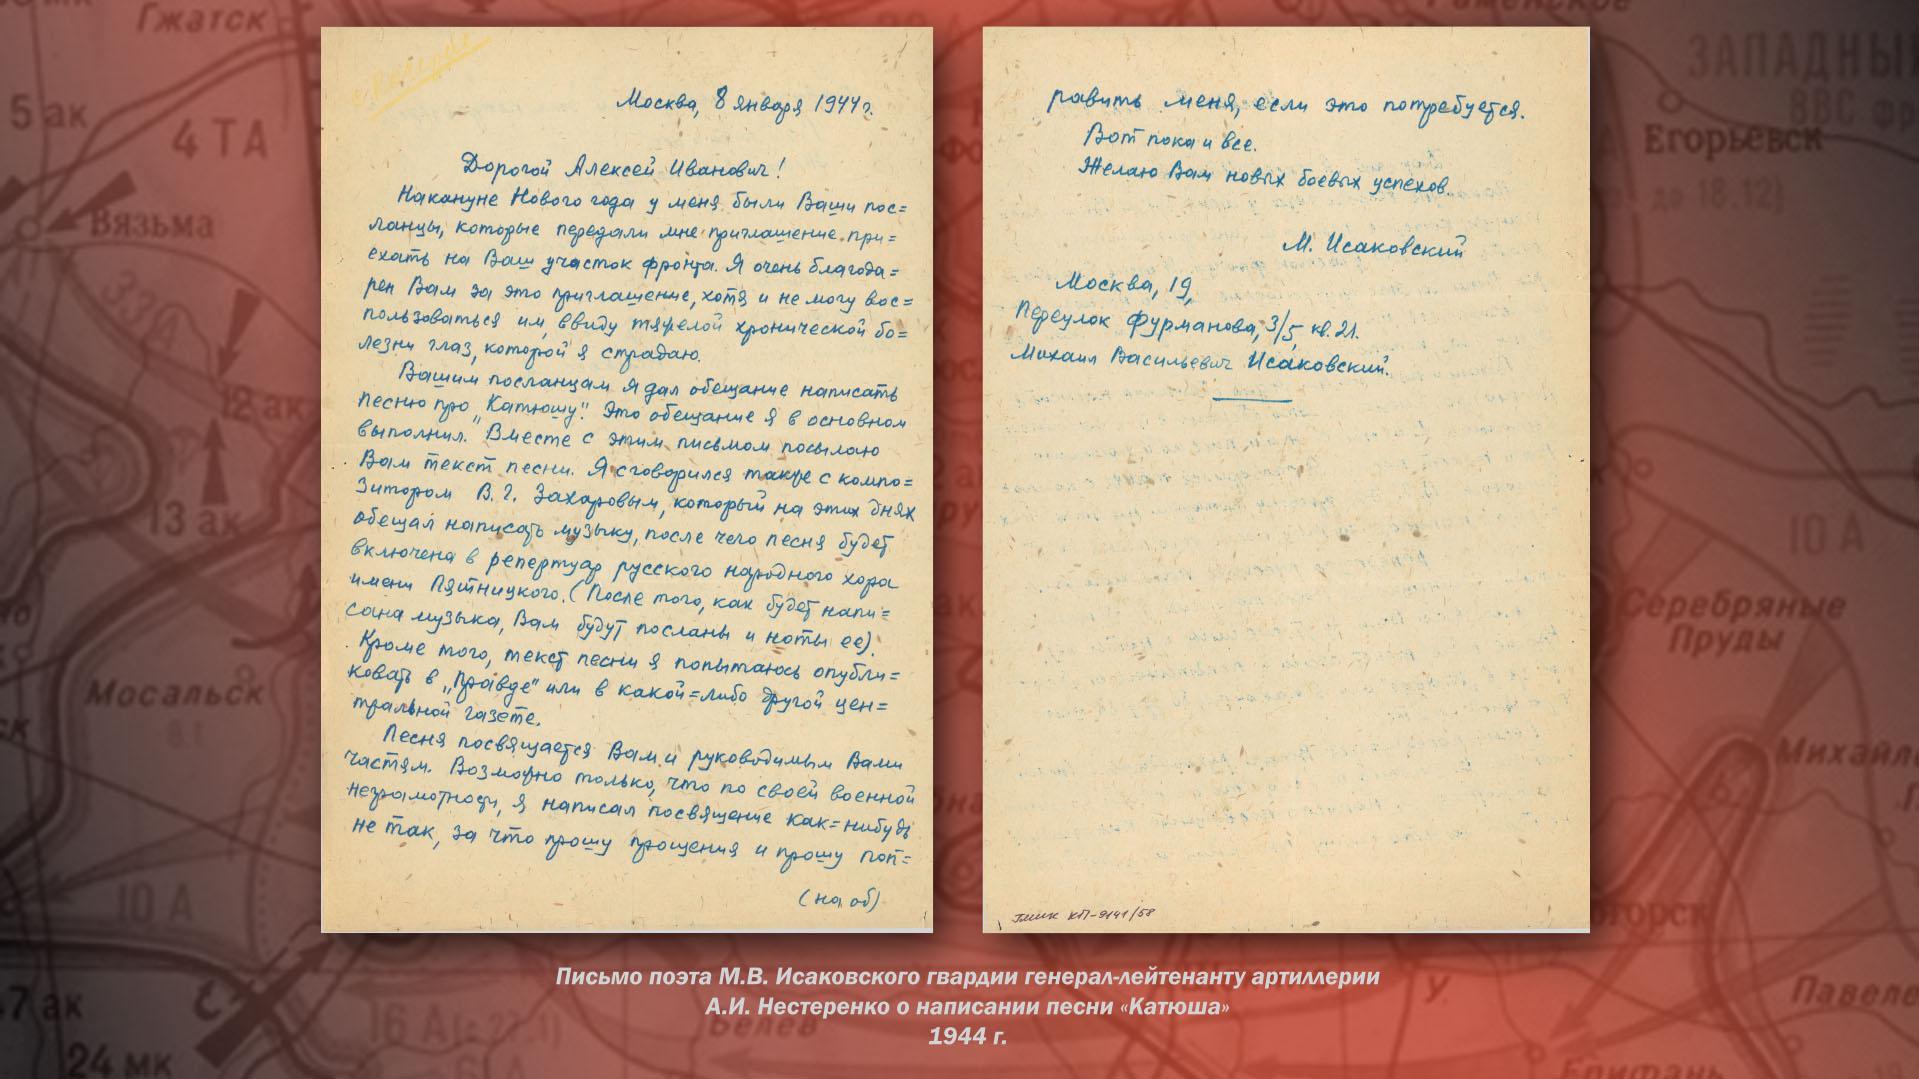 Письмо поэта М.В. Исаковского А.И. Нестеренко